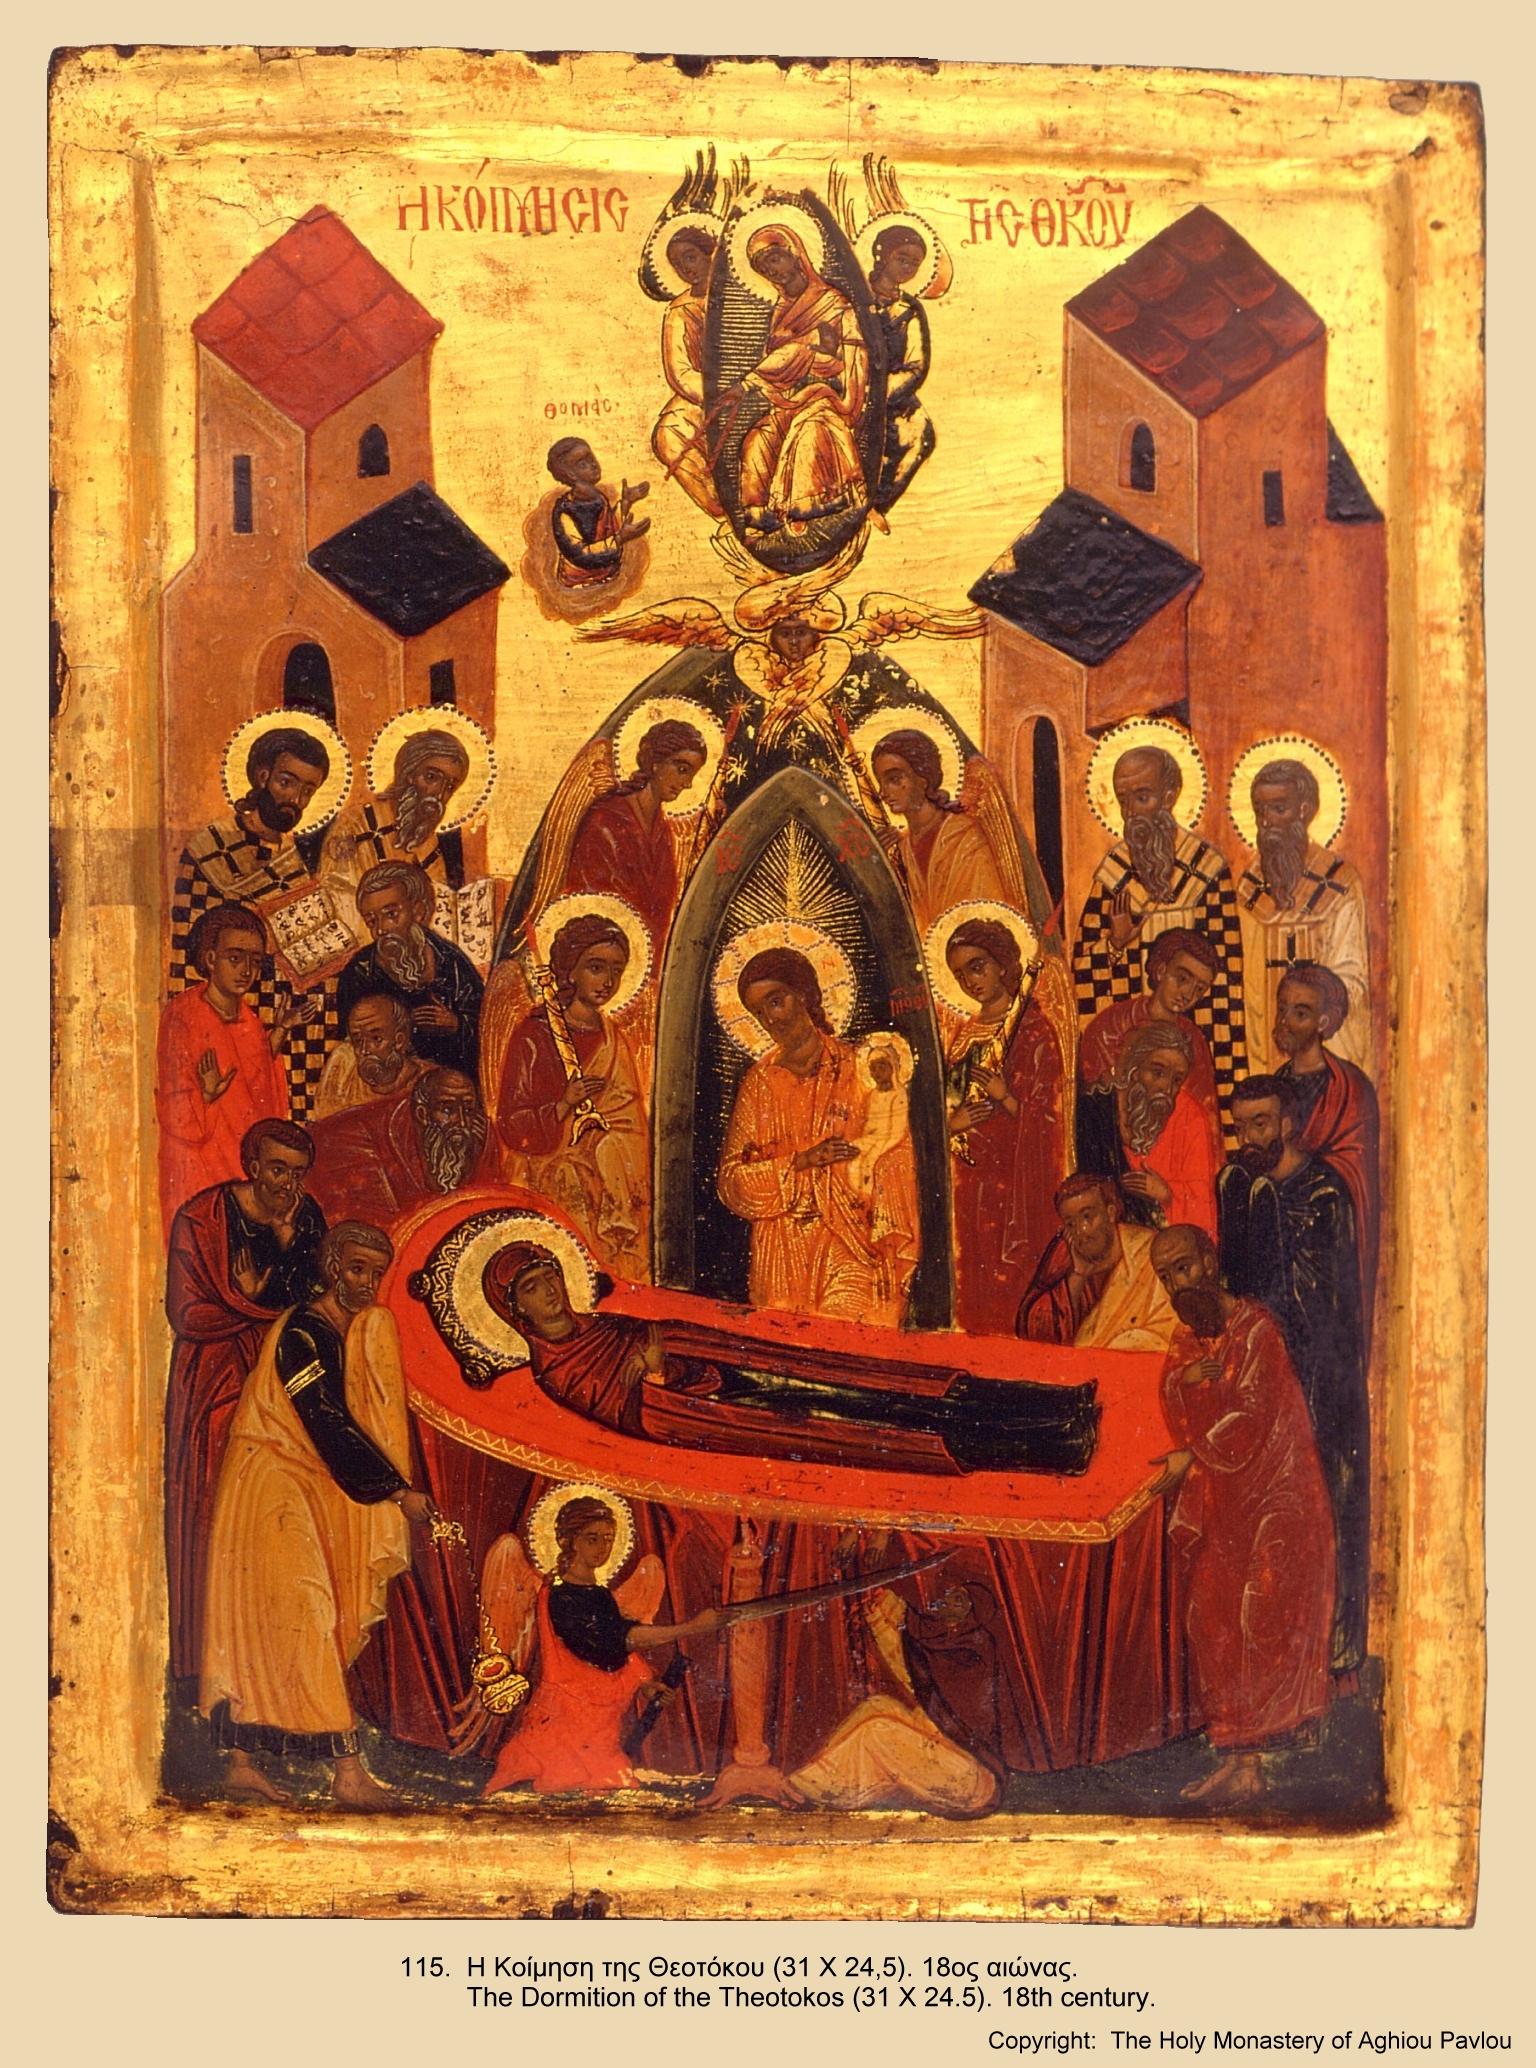 Иконы монастыря св. Павла (114)